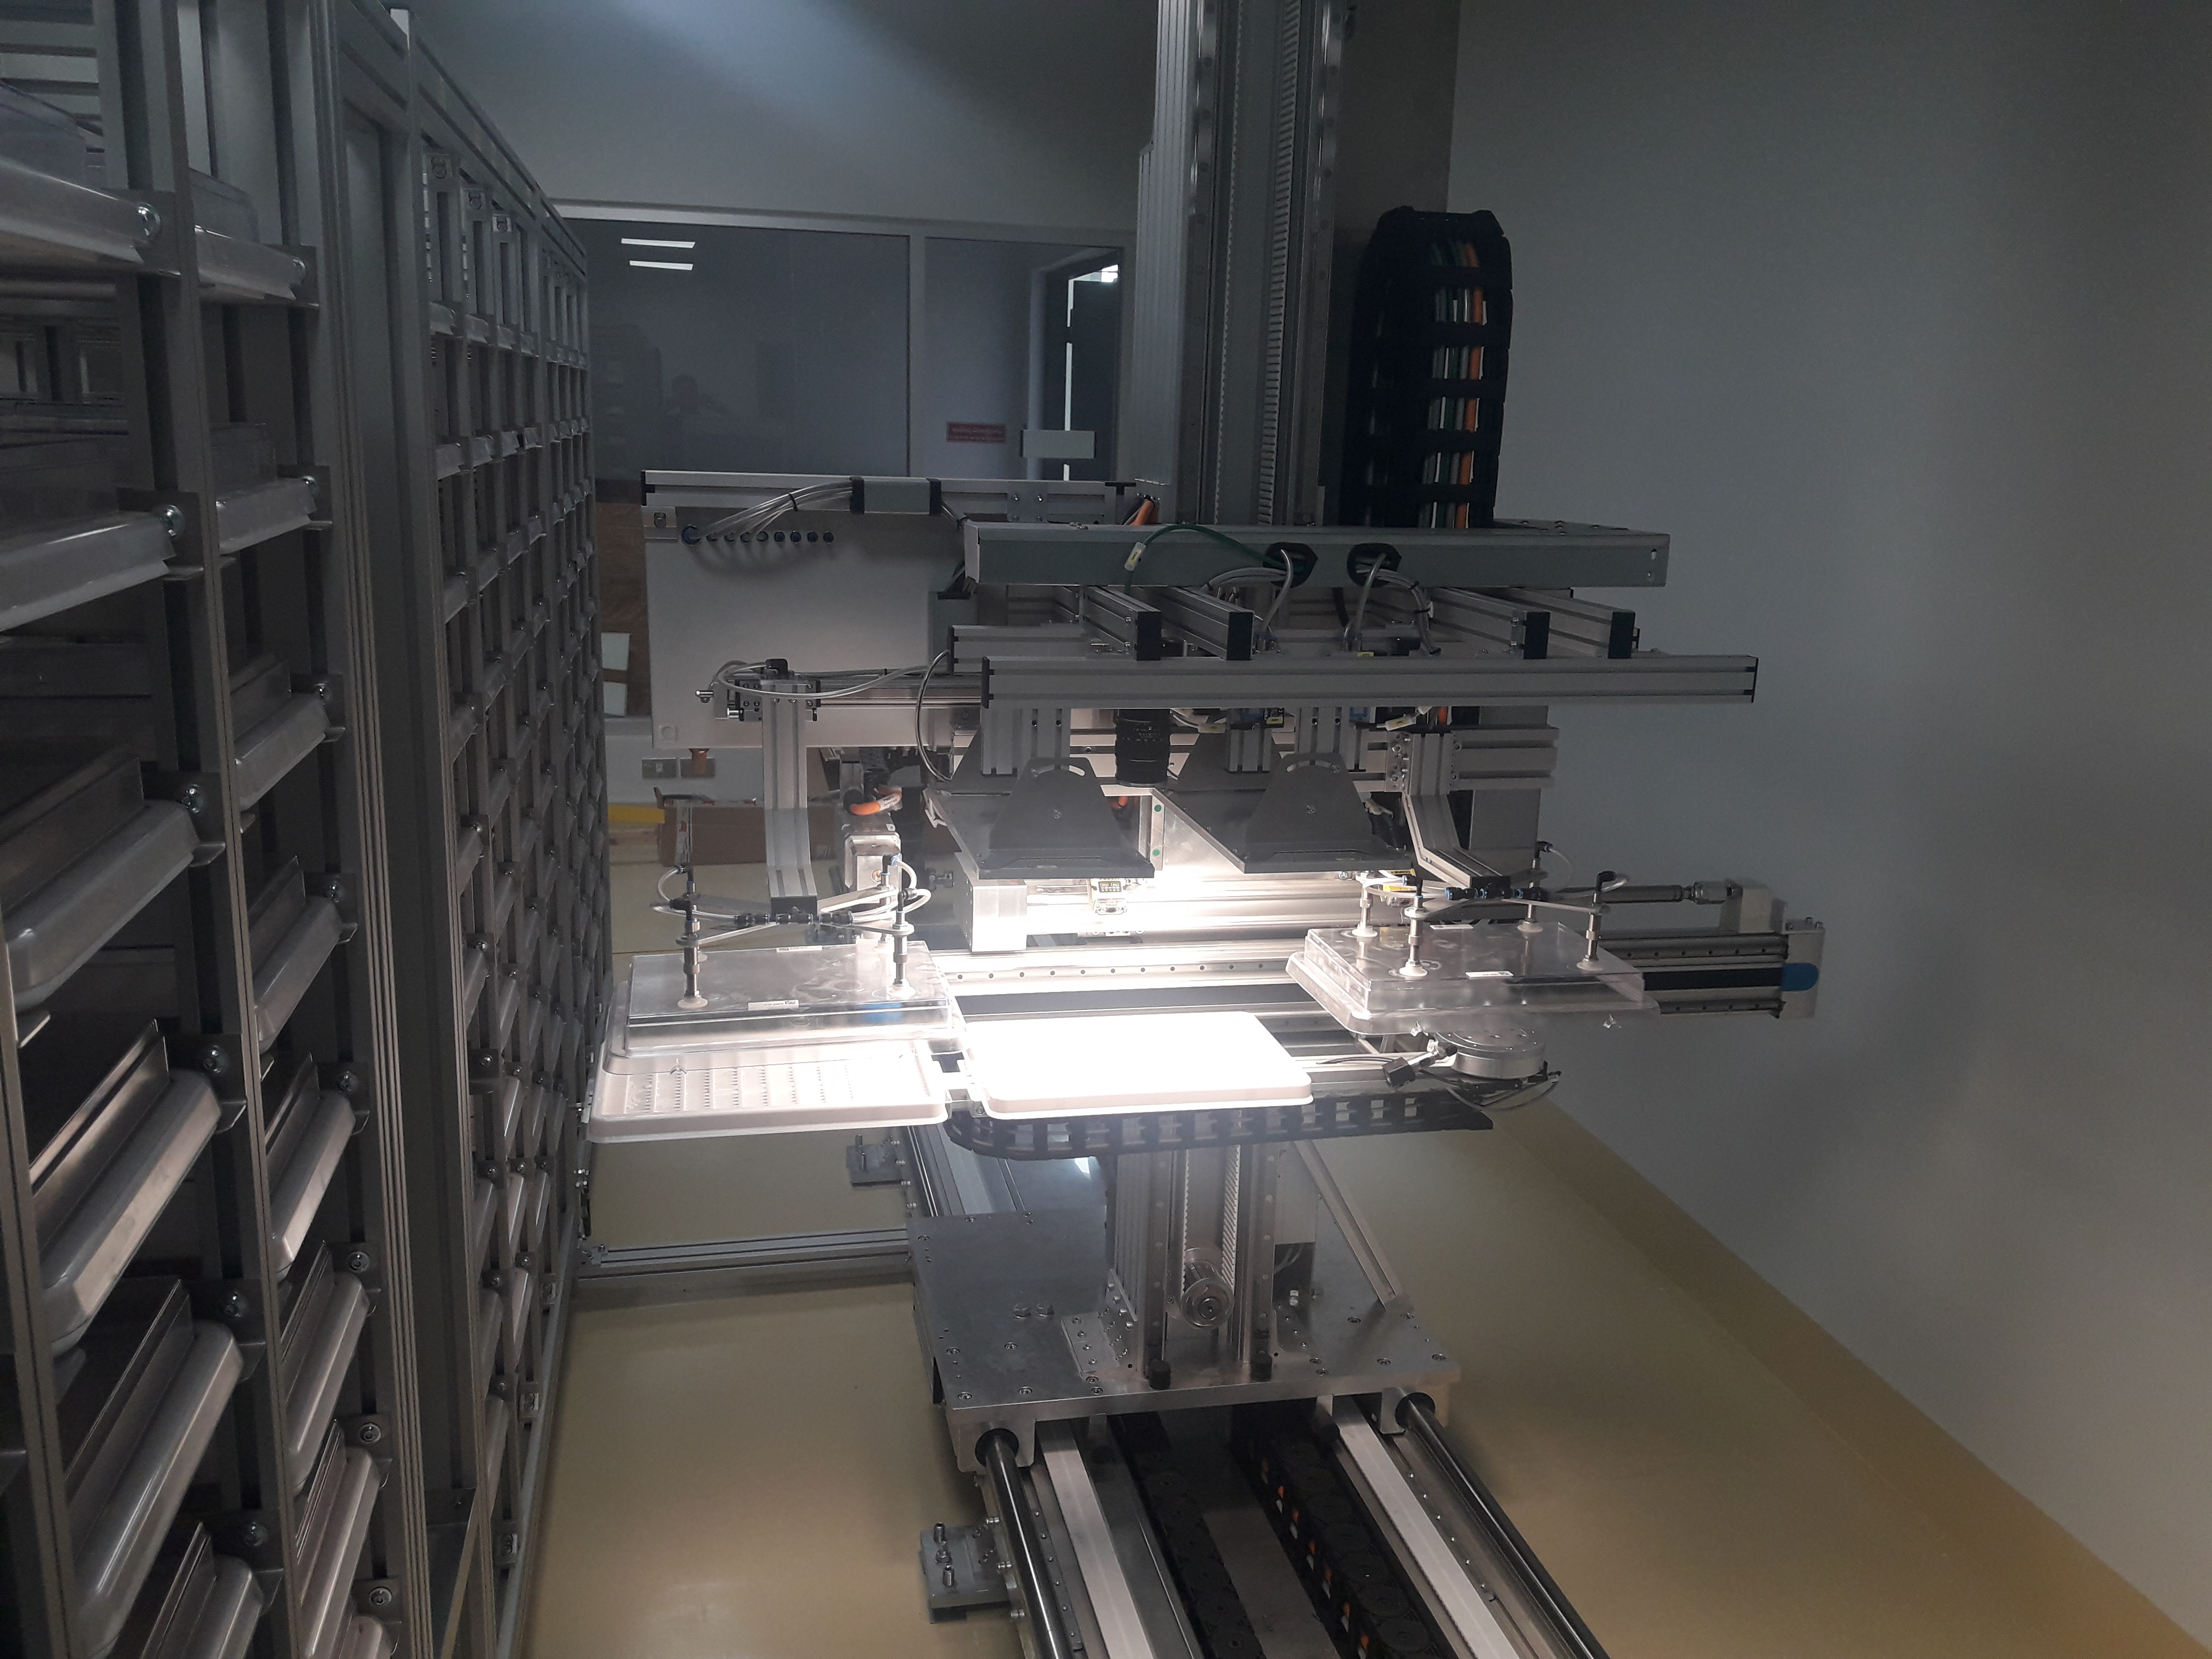 Germination Scanalyzer Imaging Unit